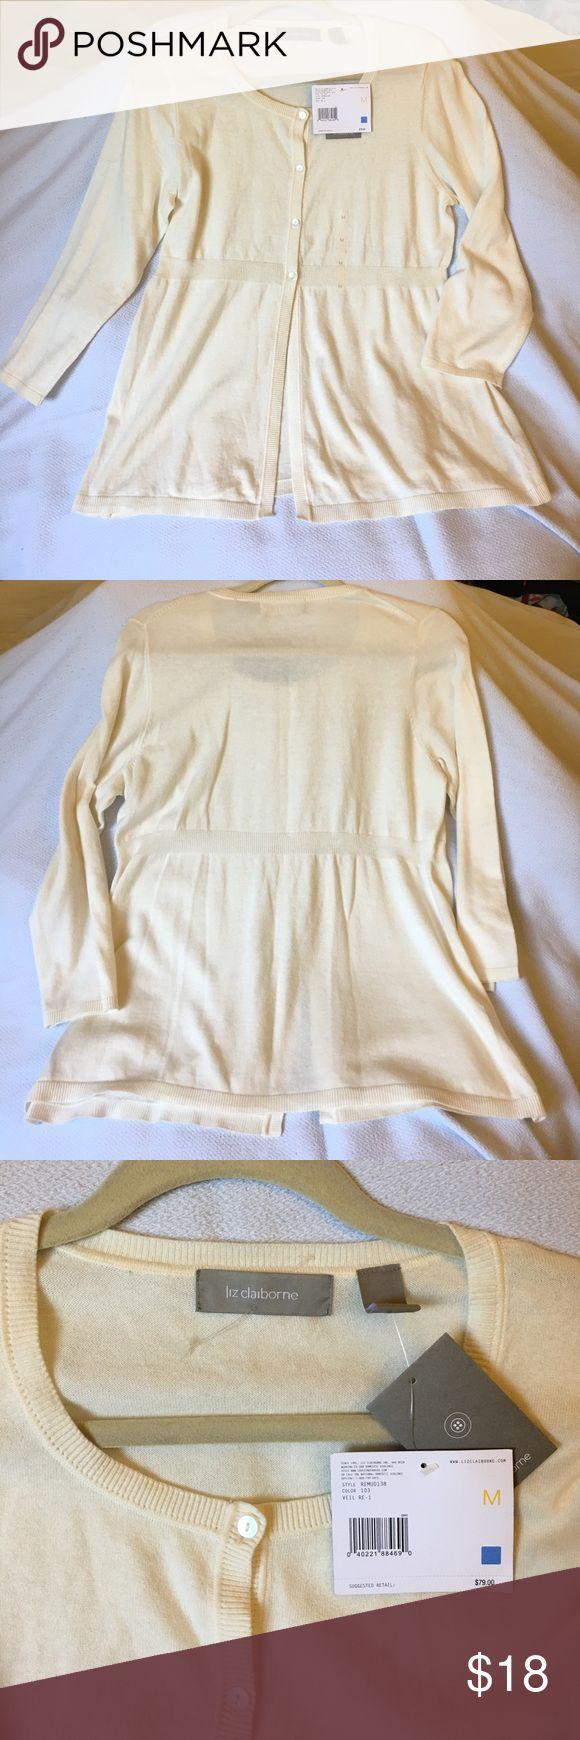 NWT Liz Claiborne sweater cardigan in cream color Brand new Liz Claiborne light sweater cardigan in cream color Liz Claiborne Sweaters Cardigans